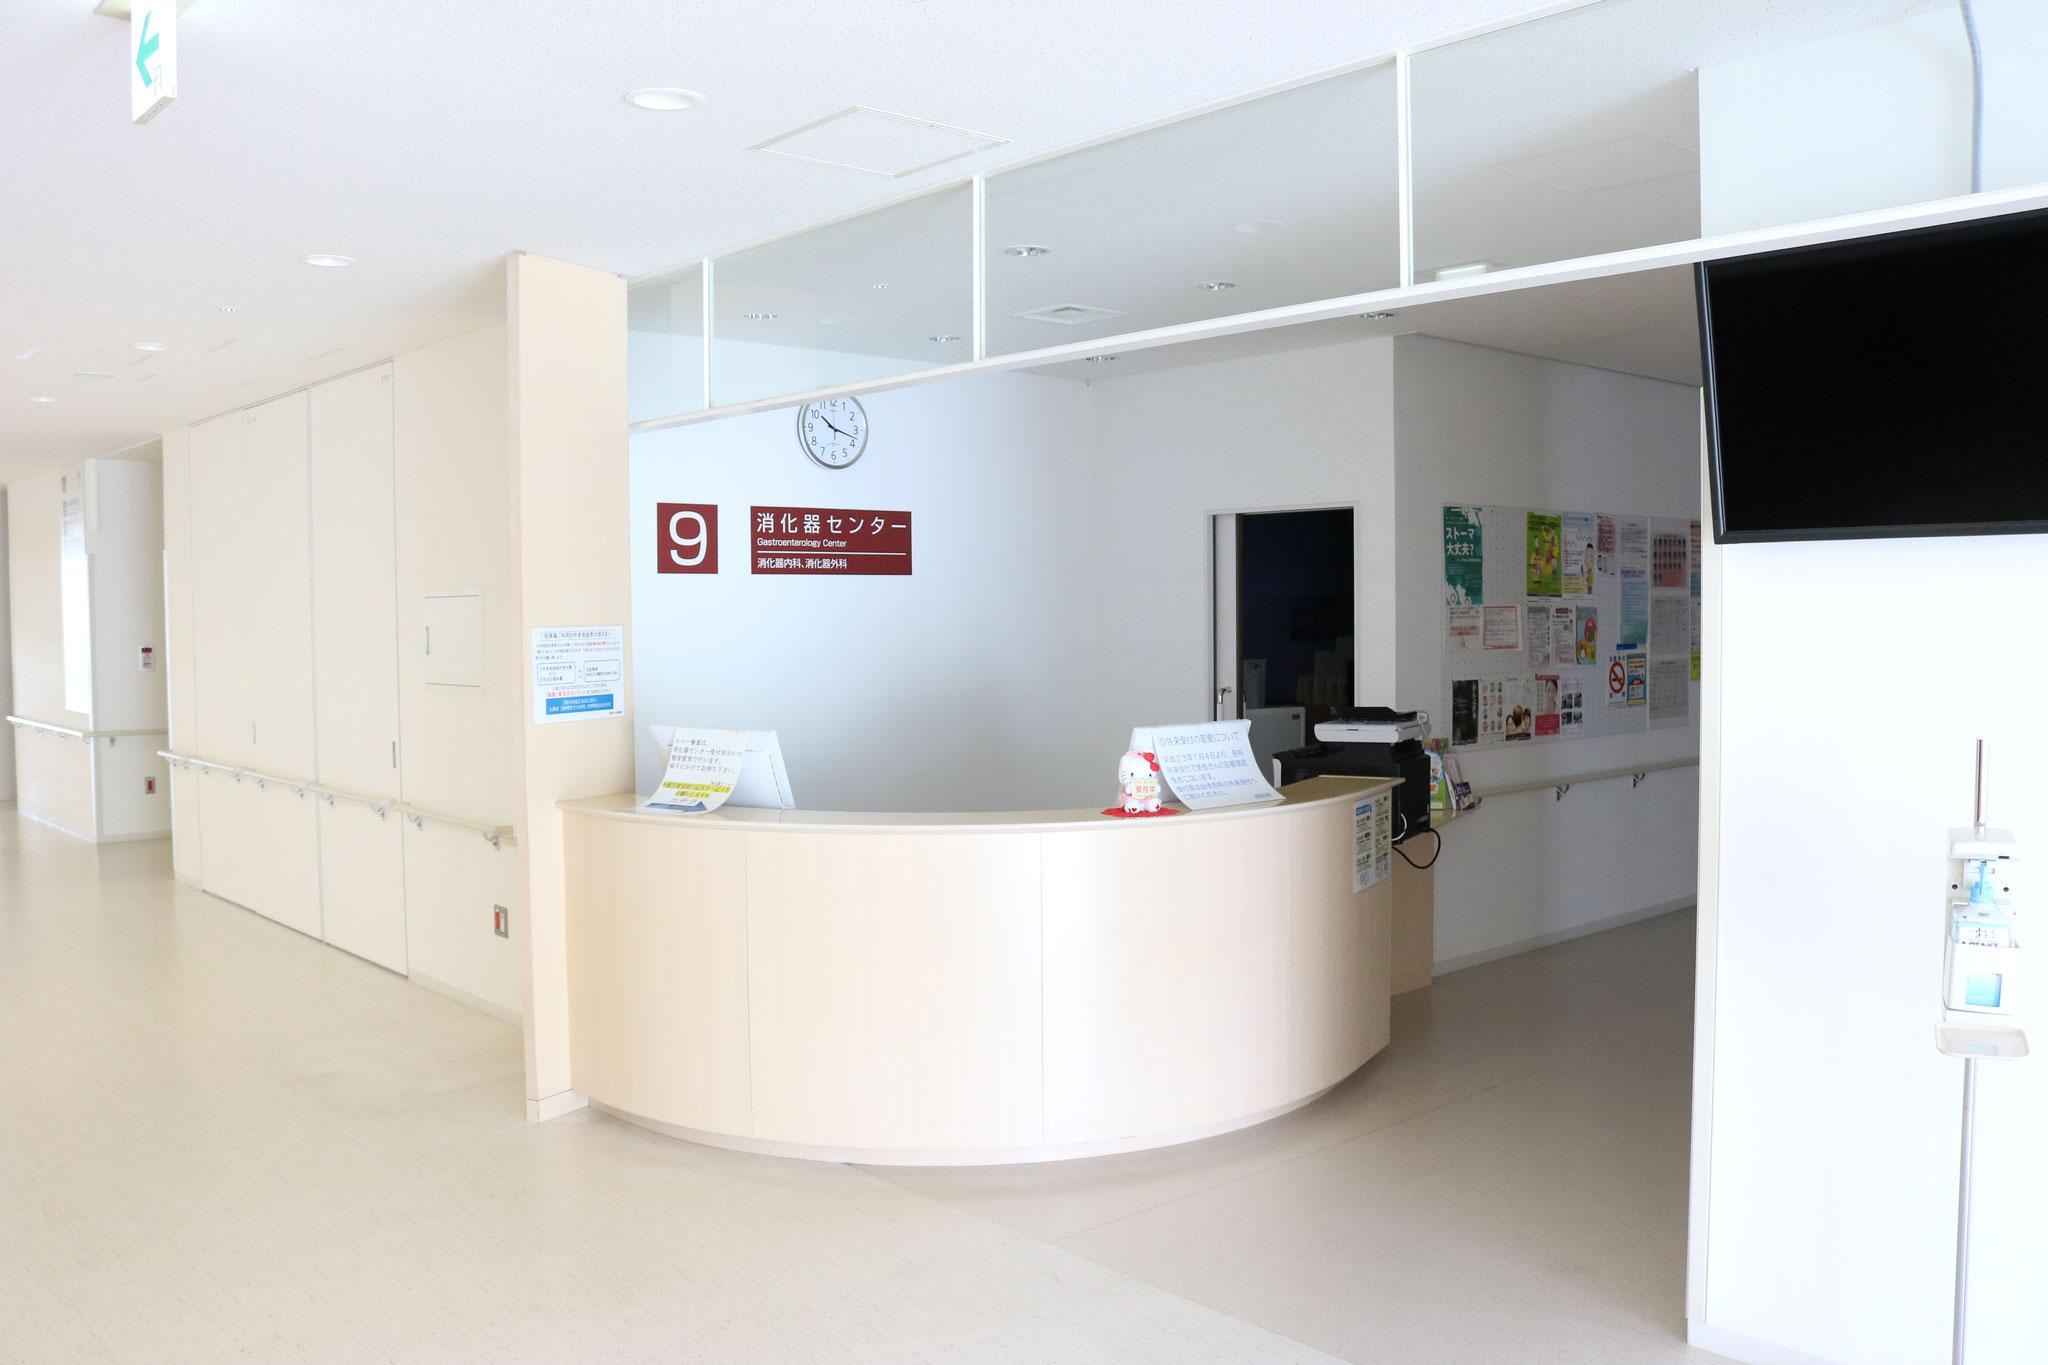 福岡 大学 ホームページ